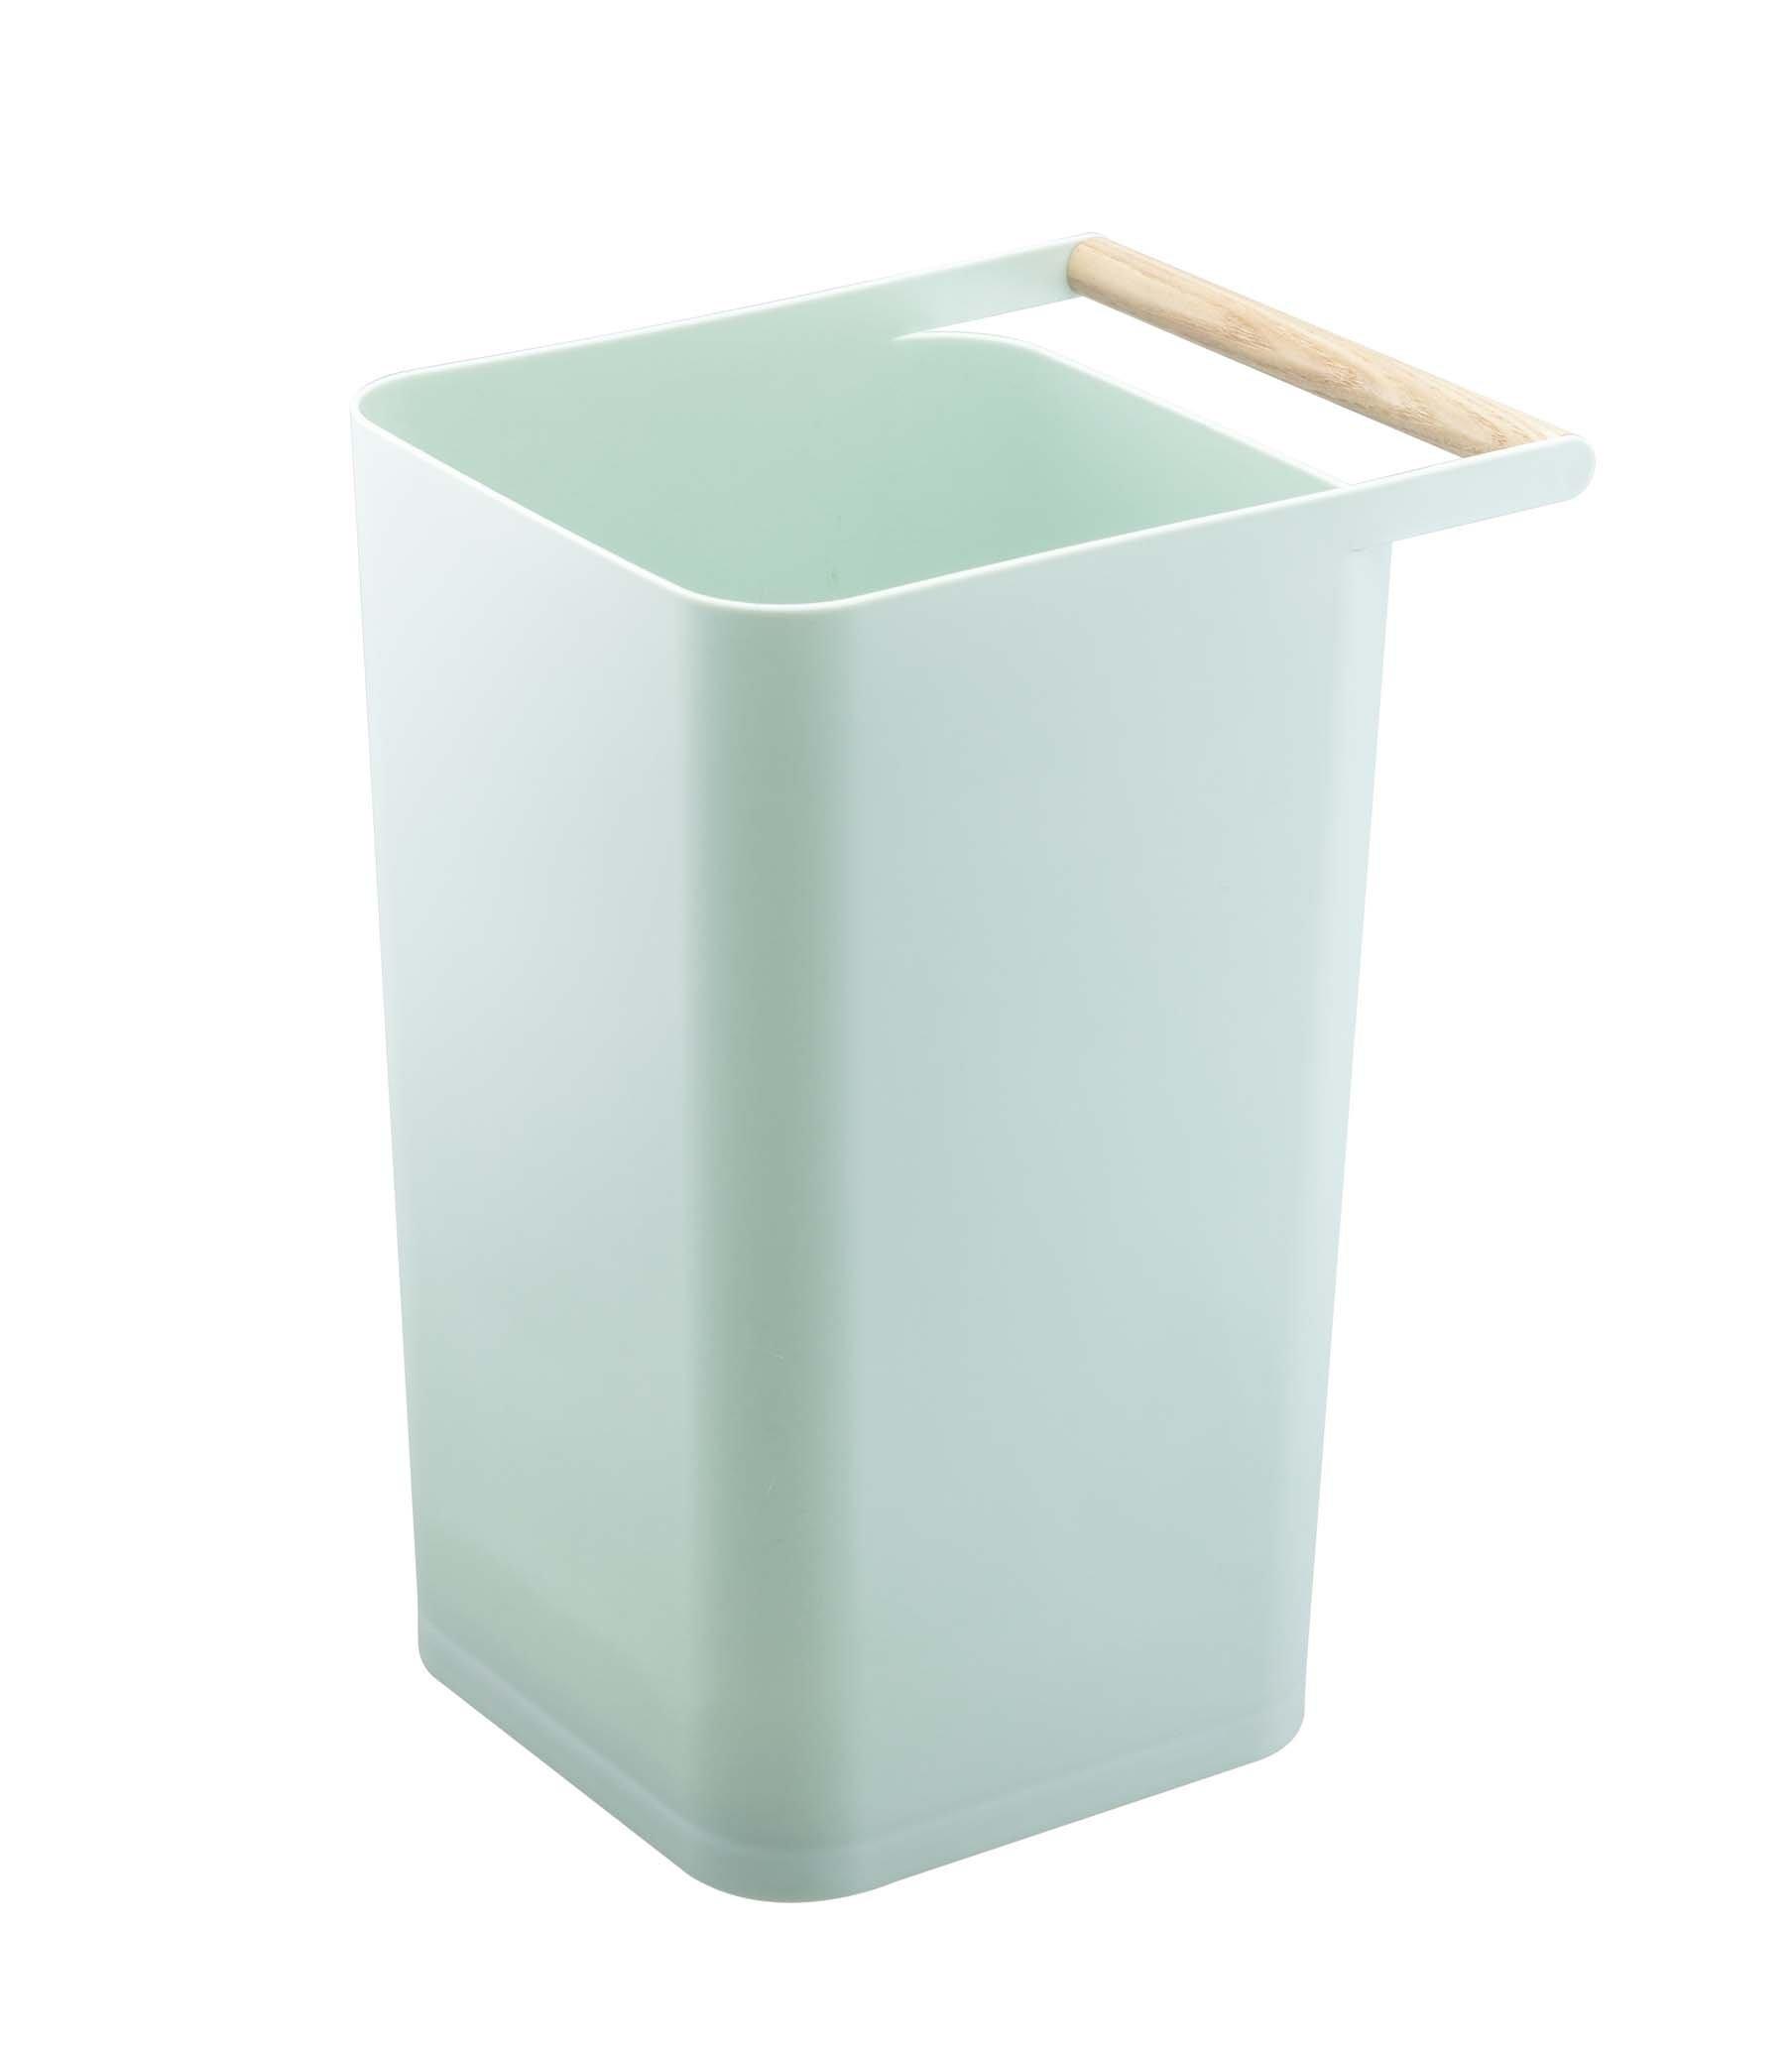 YAMAZAKI home 3133 Como Trash Can, Blue by YAMAZAKI home (Image #1)